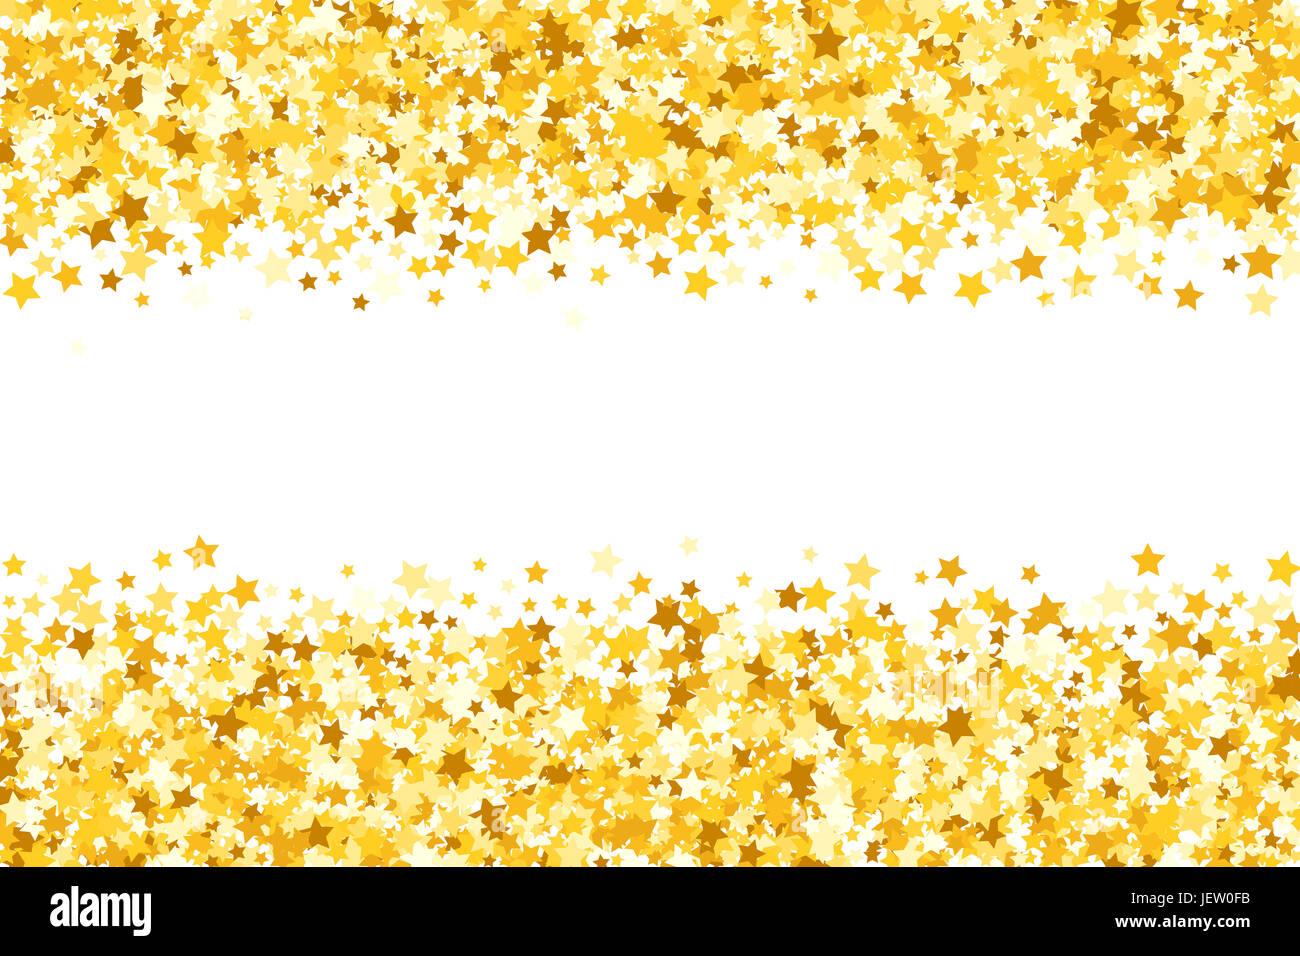 Grenze zu schimmern die Hauptrollen. Gold Glanz. Goldener Rahmen von ...